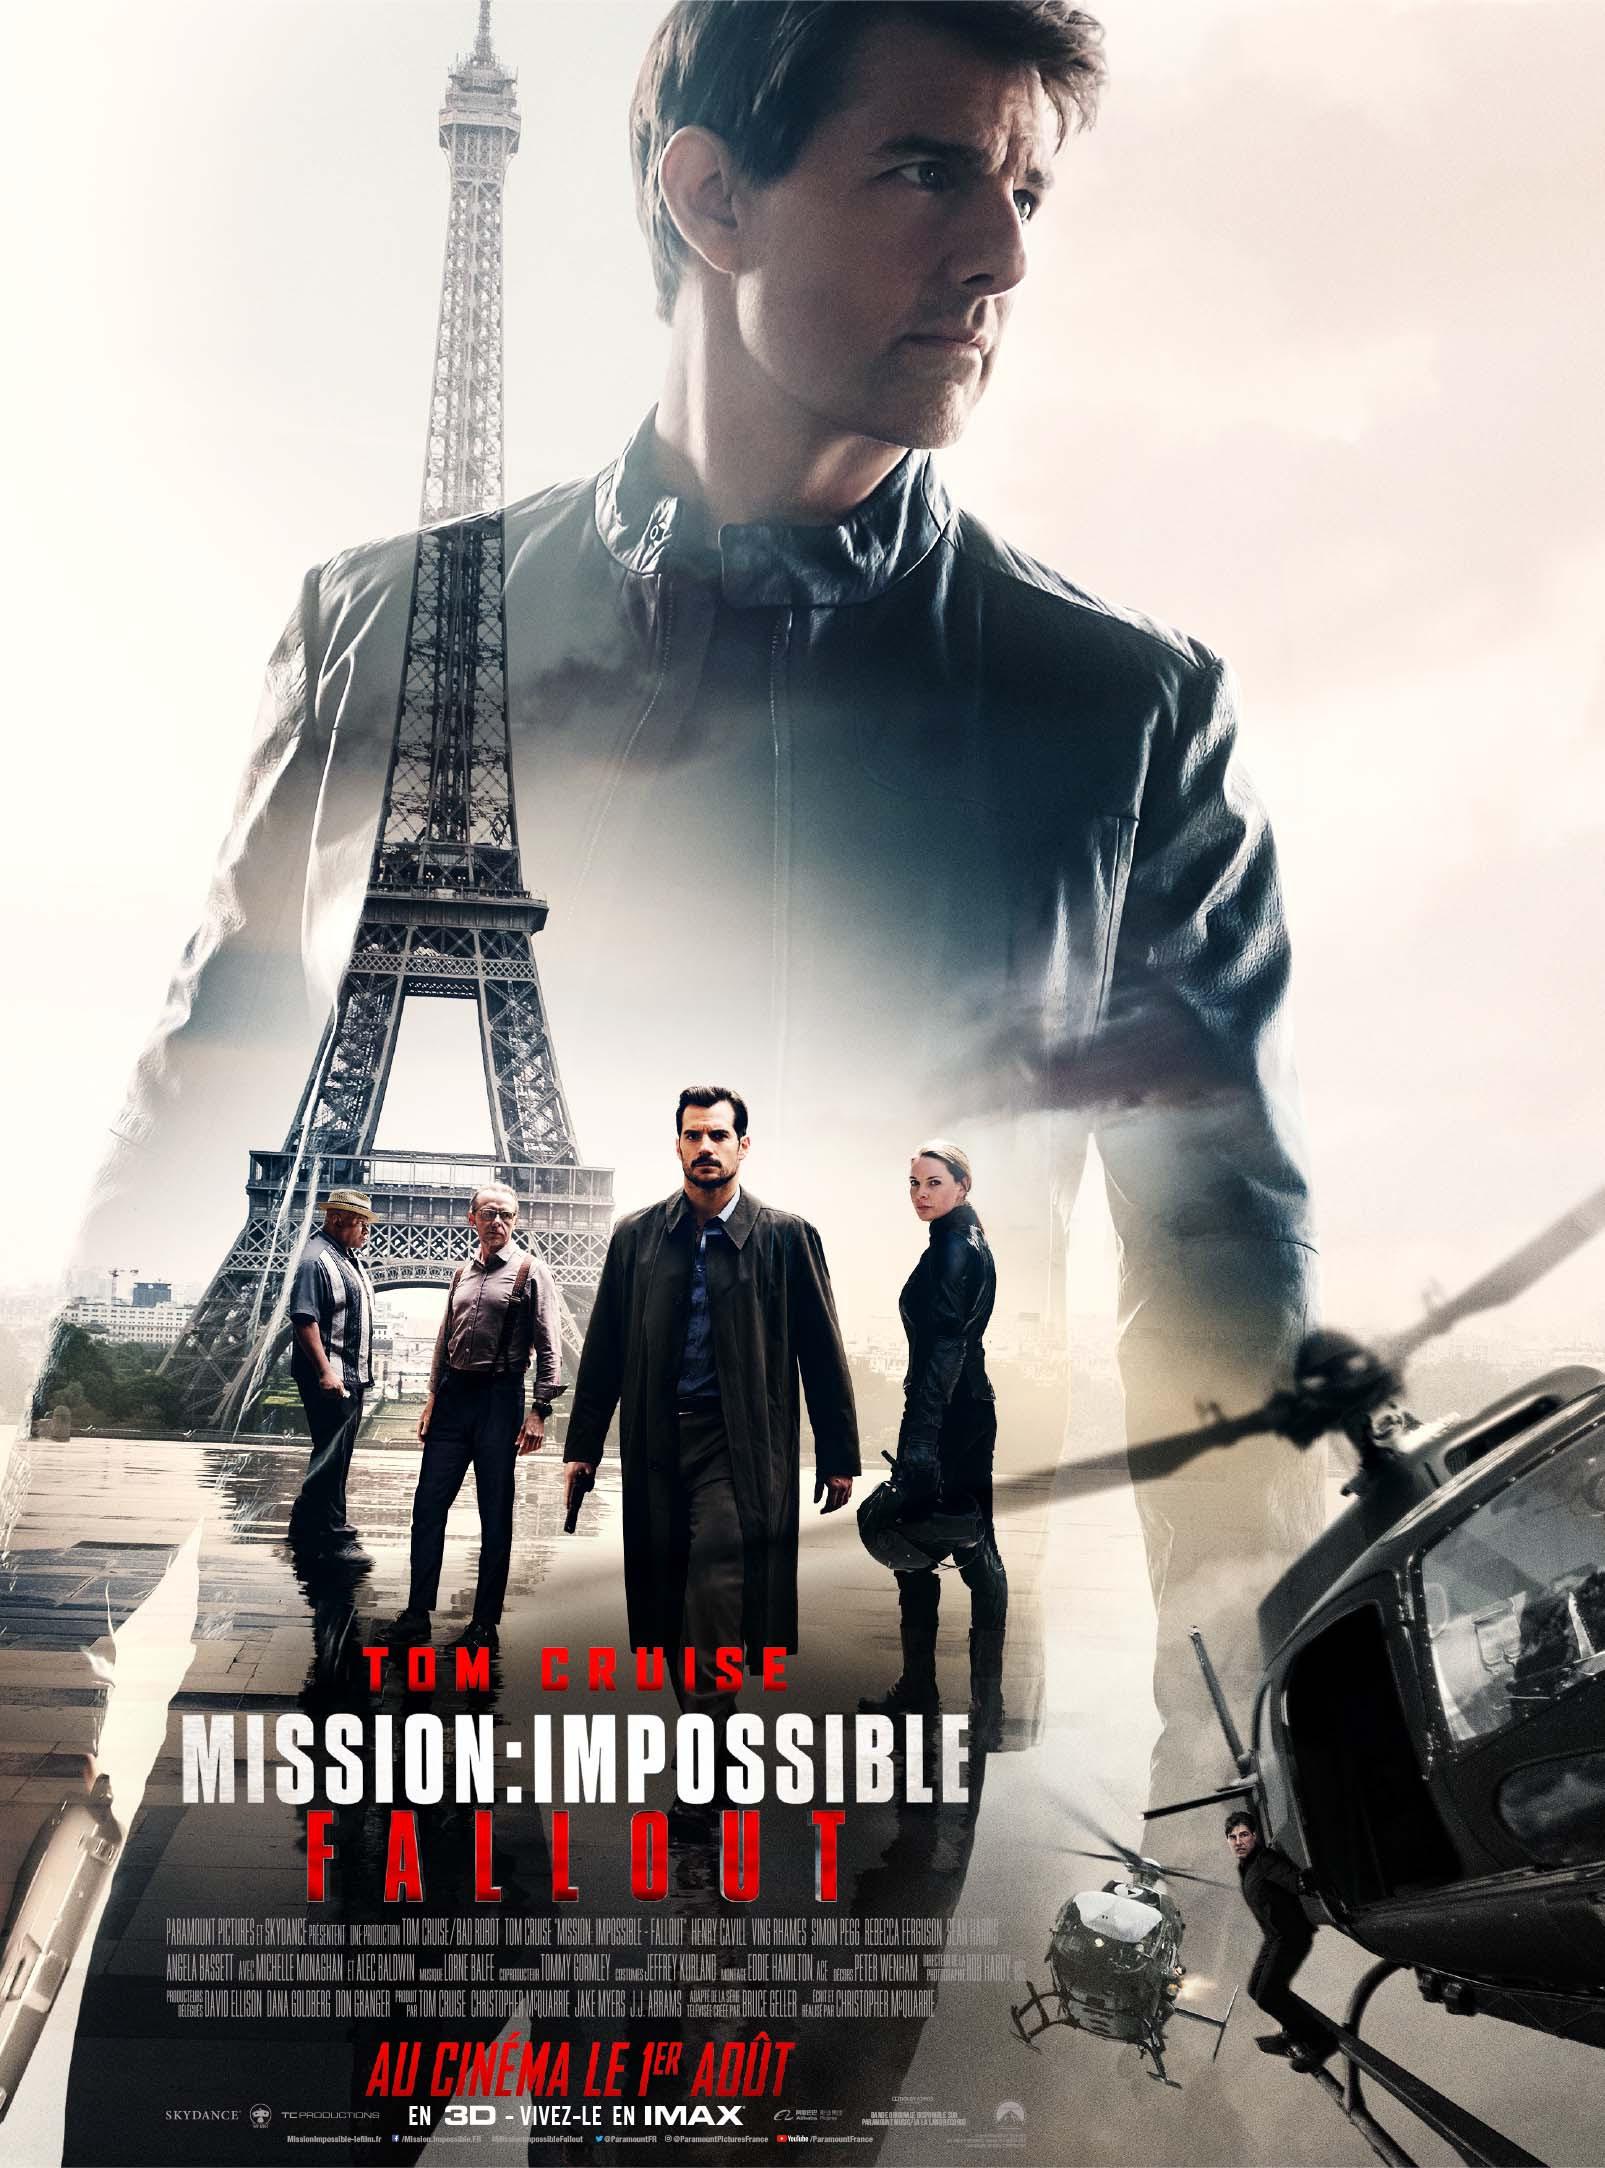 mission-impossible-fallout-affiche-tom-cruise-henry-cavill-1021623 dans Les meilleurs films du Blanc Lapin